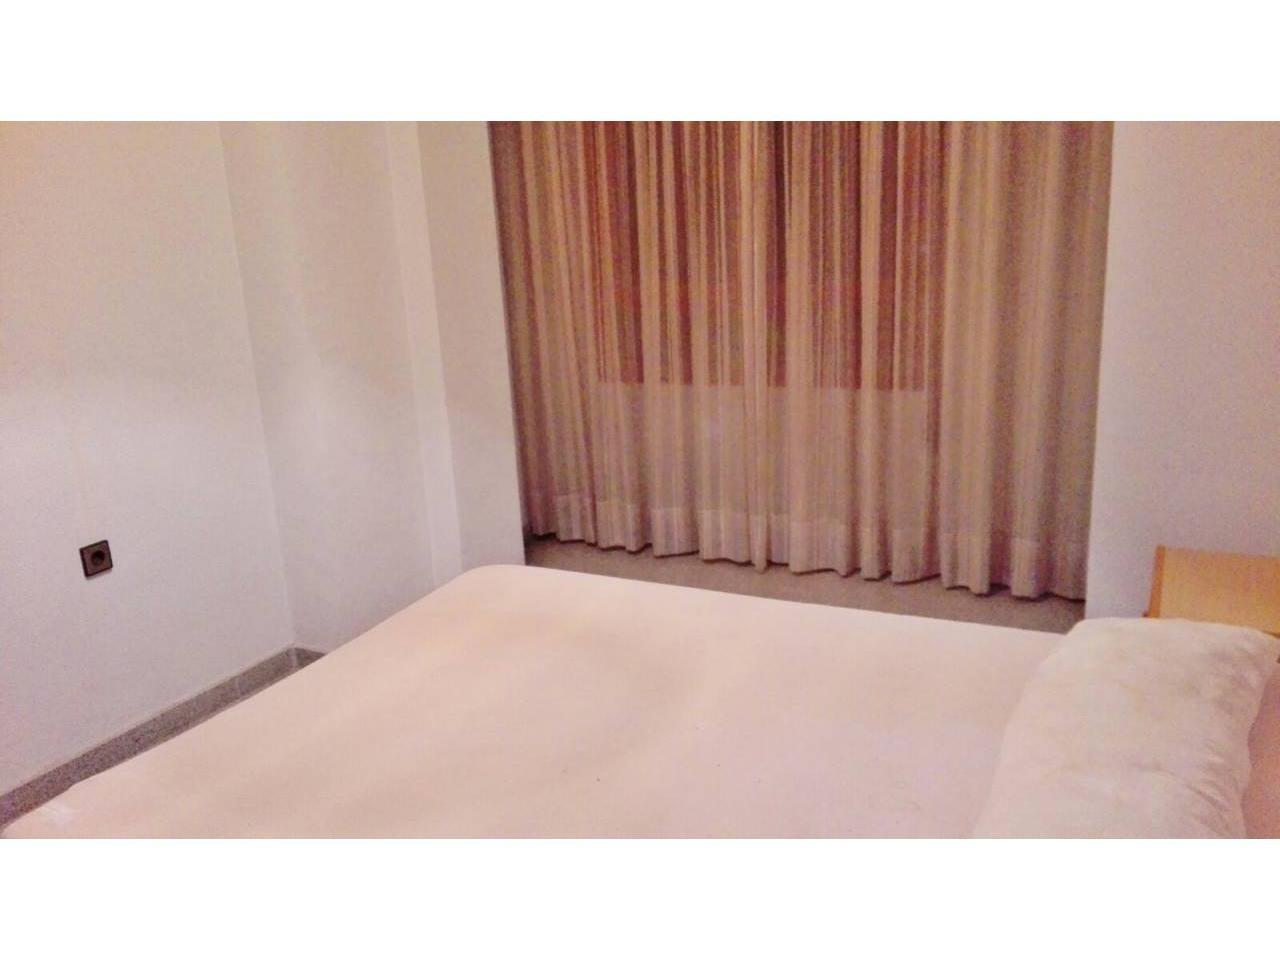 Inmobiliaria Gessicon Casa En Venta En Bigastro Por 85 000 01951 # Muebles Bigastro